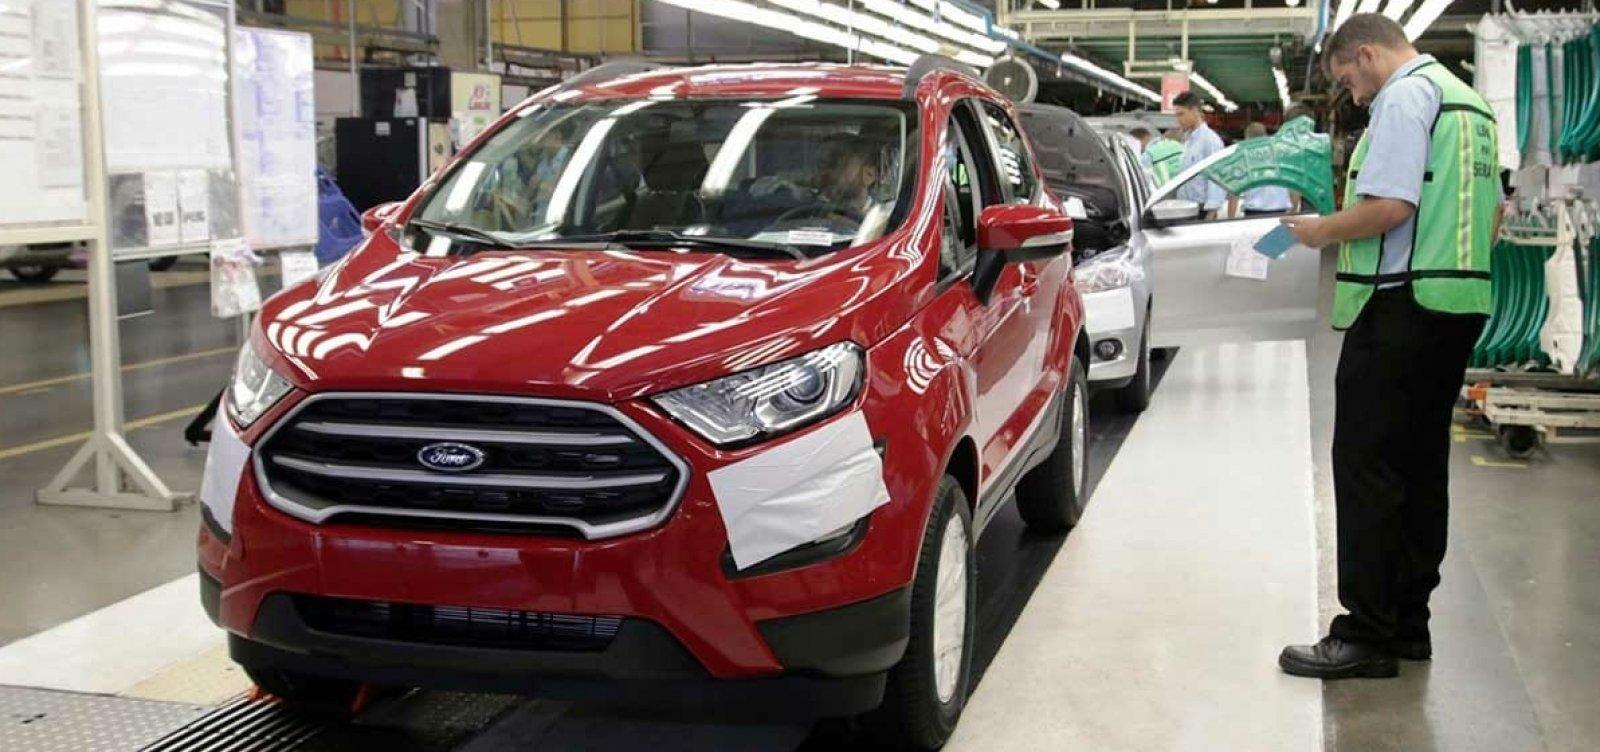 Após 20 anos, fábrica da Ford em Camaçari será fechada; empresa decidiu encerrar produção em todo o Brasil